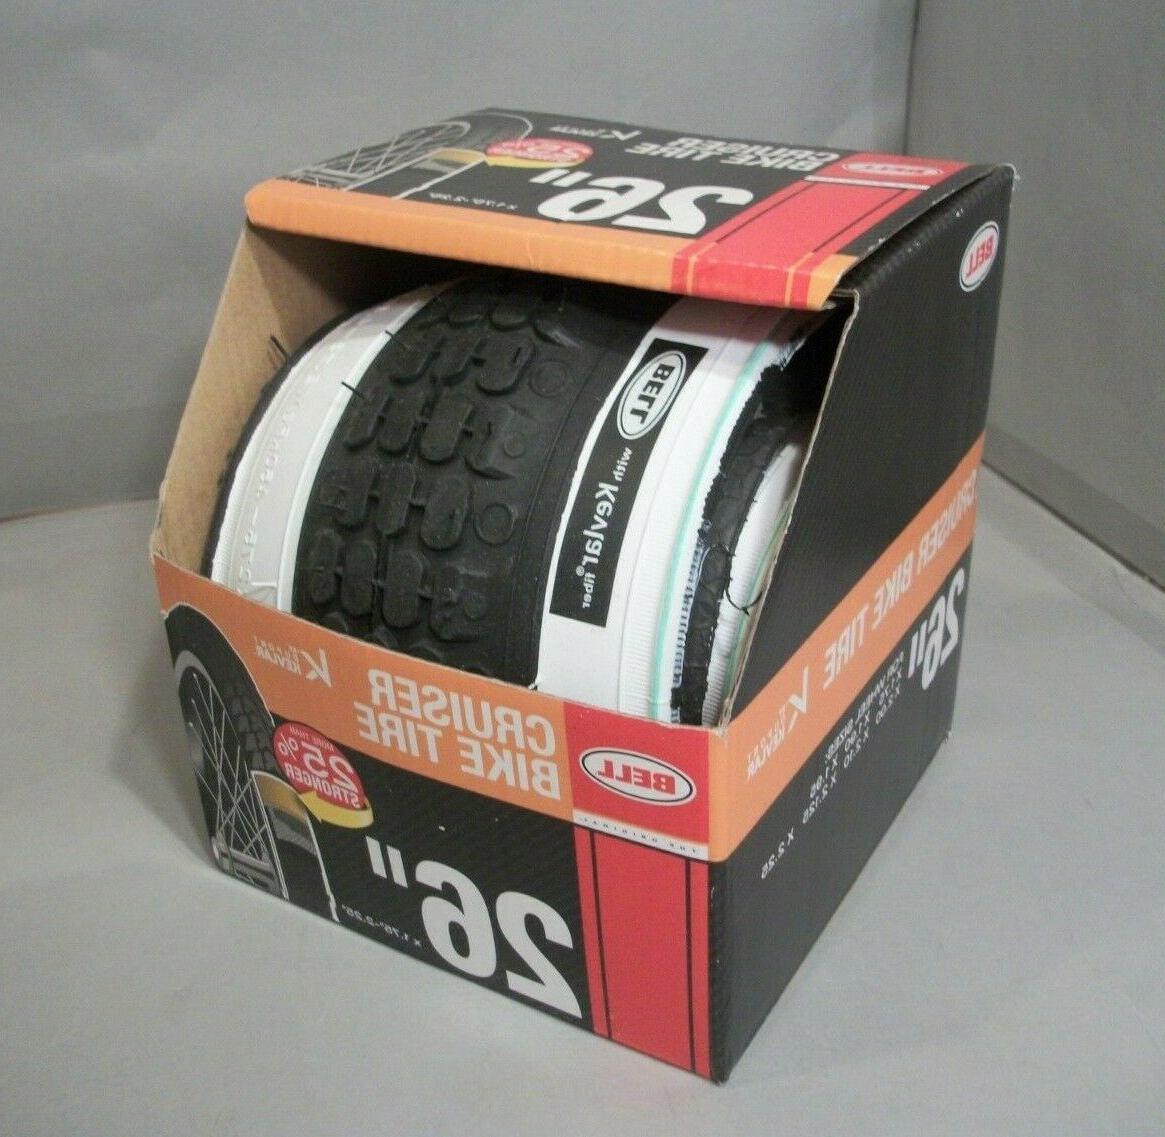 cruiser whitewall bike tire 26 x 1